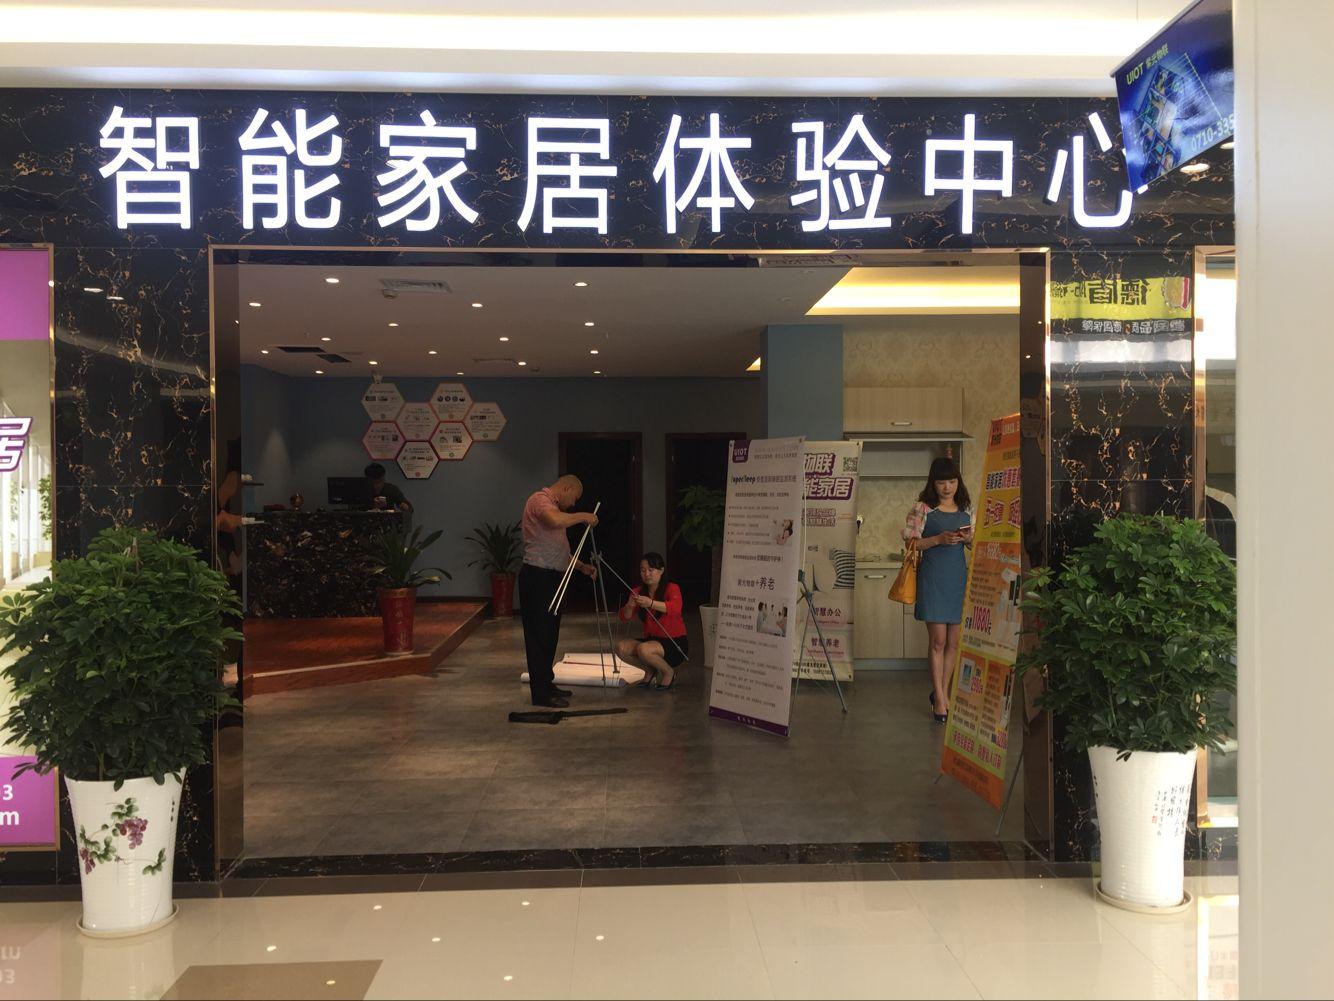 襄阳万达哪有卖智能家居的体验店?襄阳紫光物联智能家居 技术实力强图片